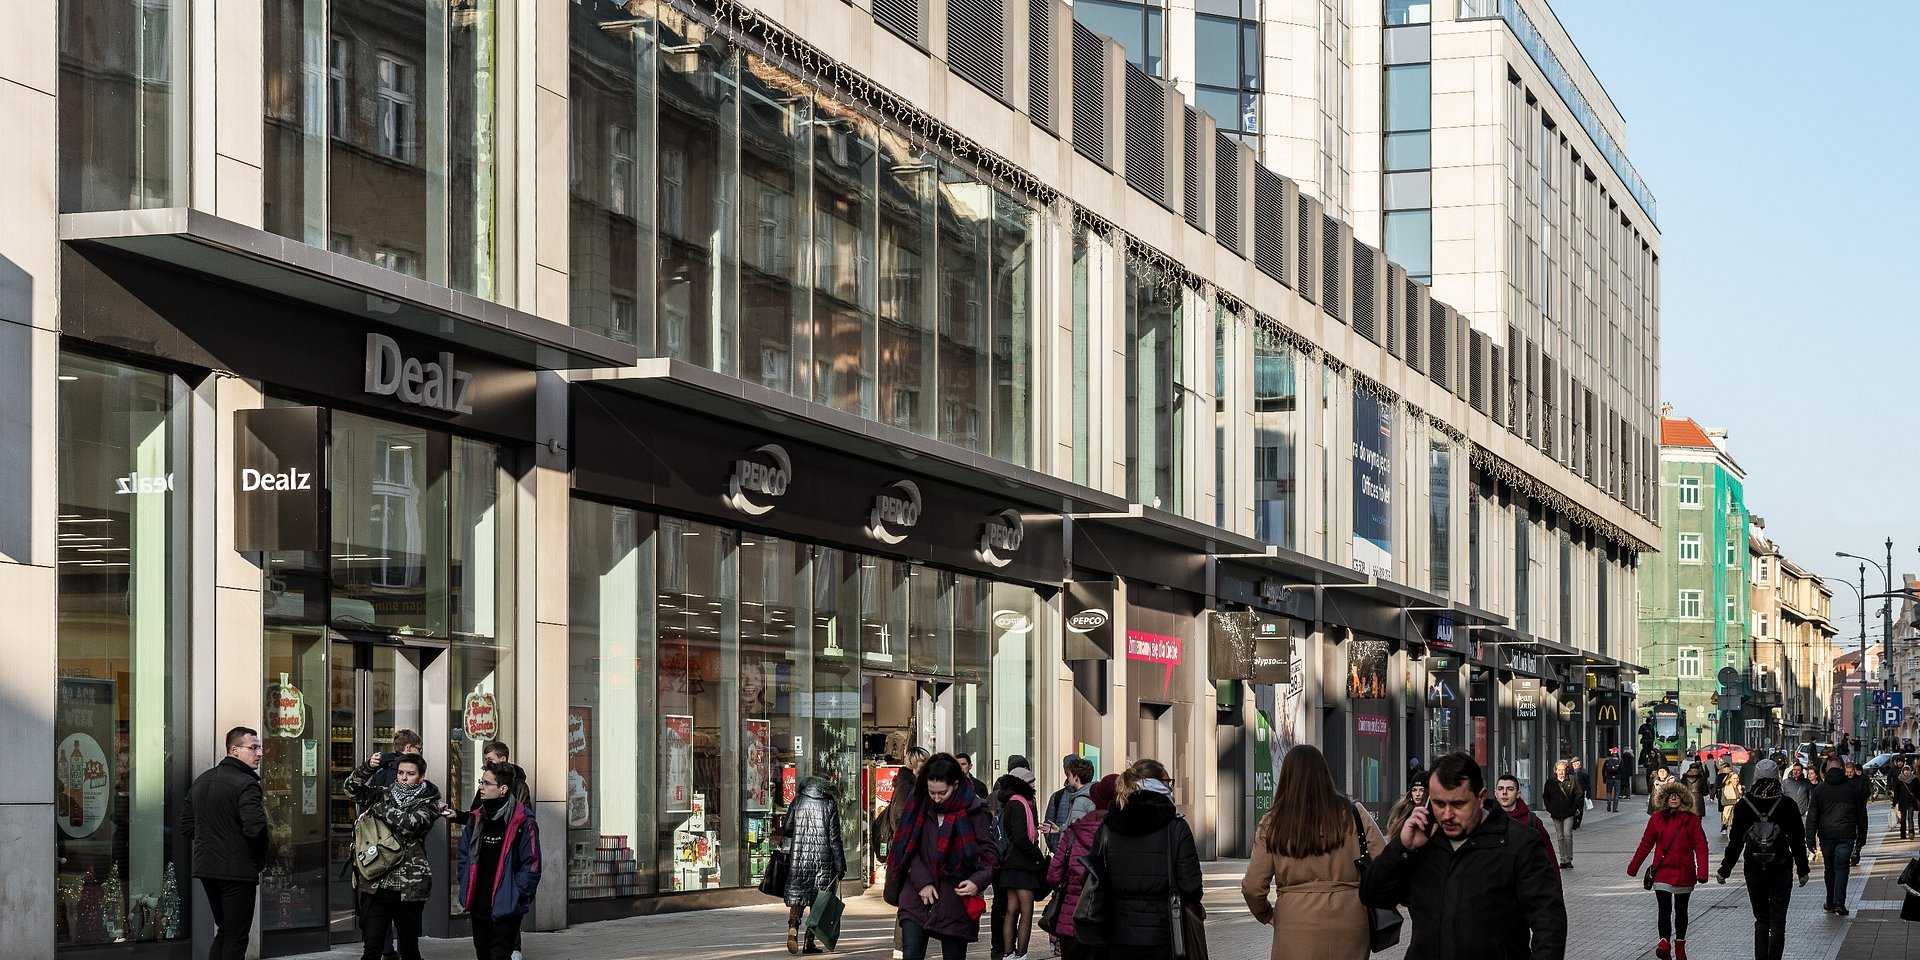 Starbucks otworzył kawiarnię w budynku Półwiejska 2 w Poznaniu